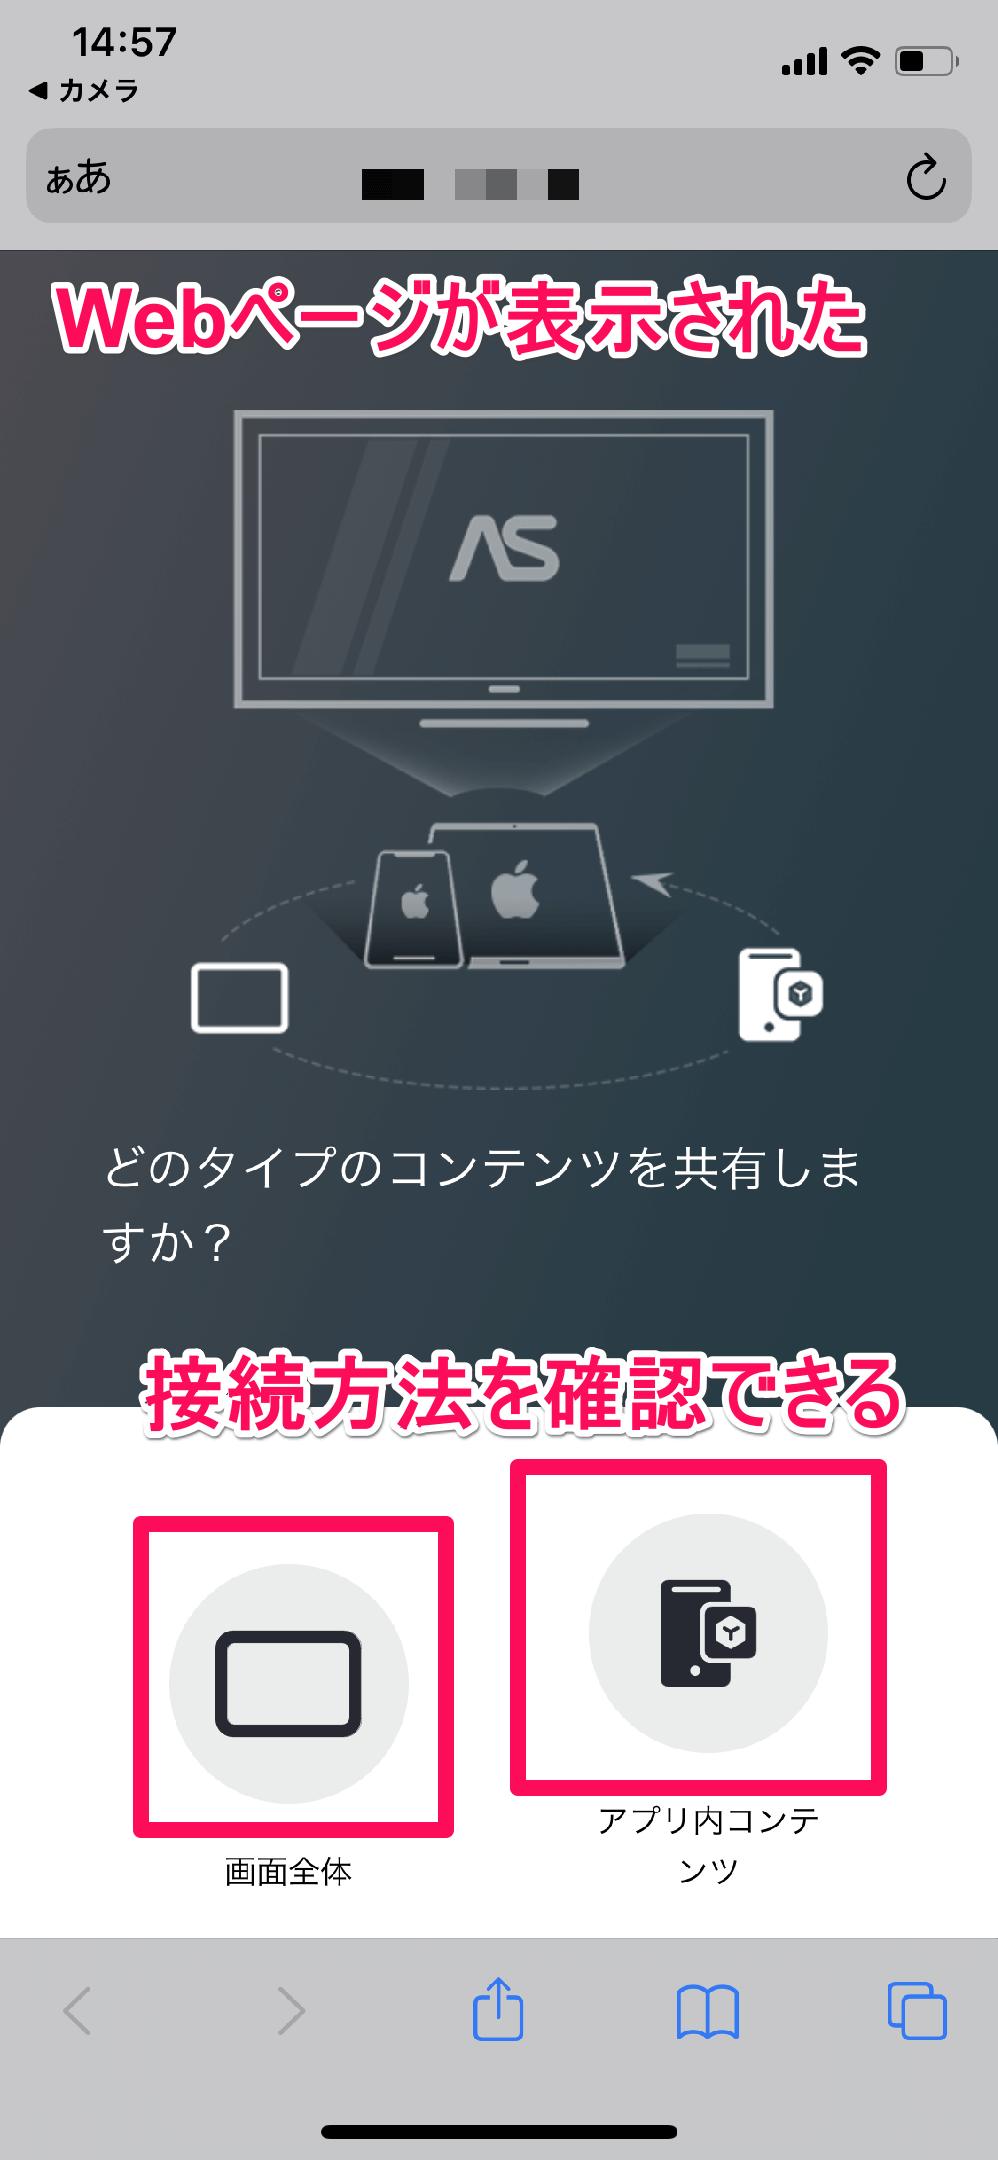 Fire TVでiPhoneの画面をテレビにミラーリングする方法。スマホの写真や動画を大画面で表示できる!